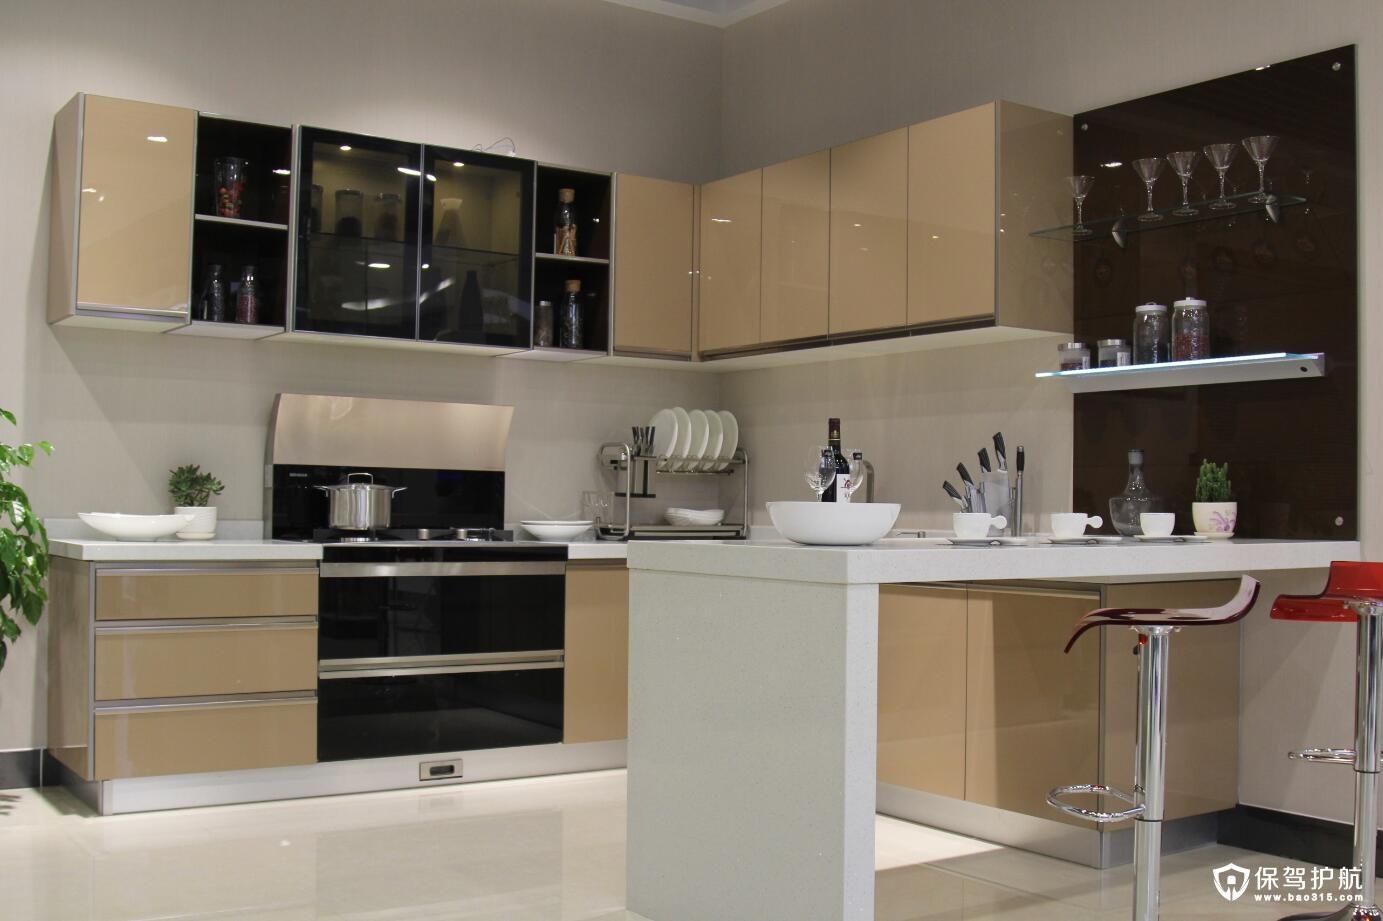 如何清洗开放式厨房